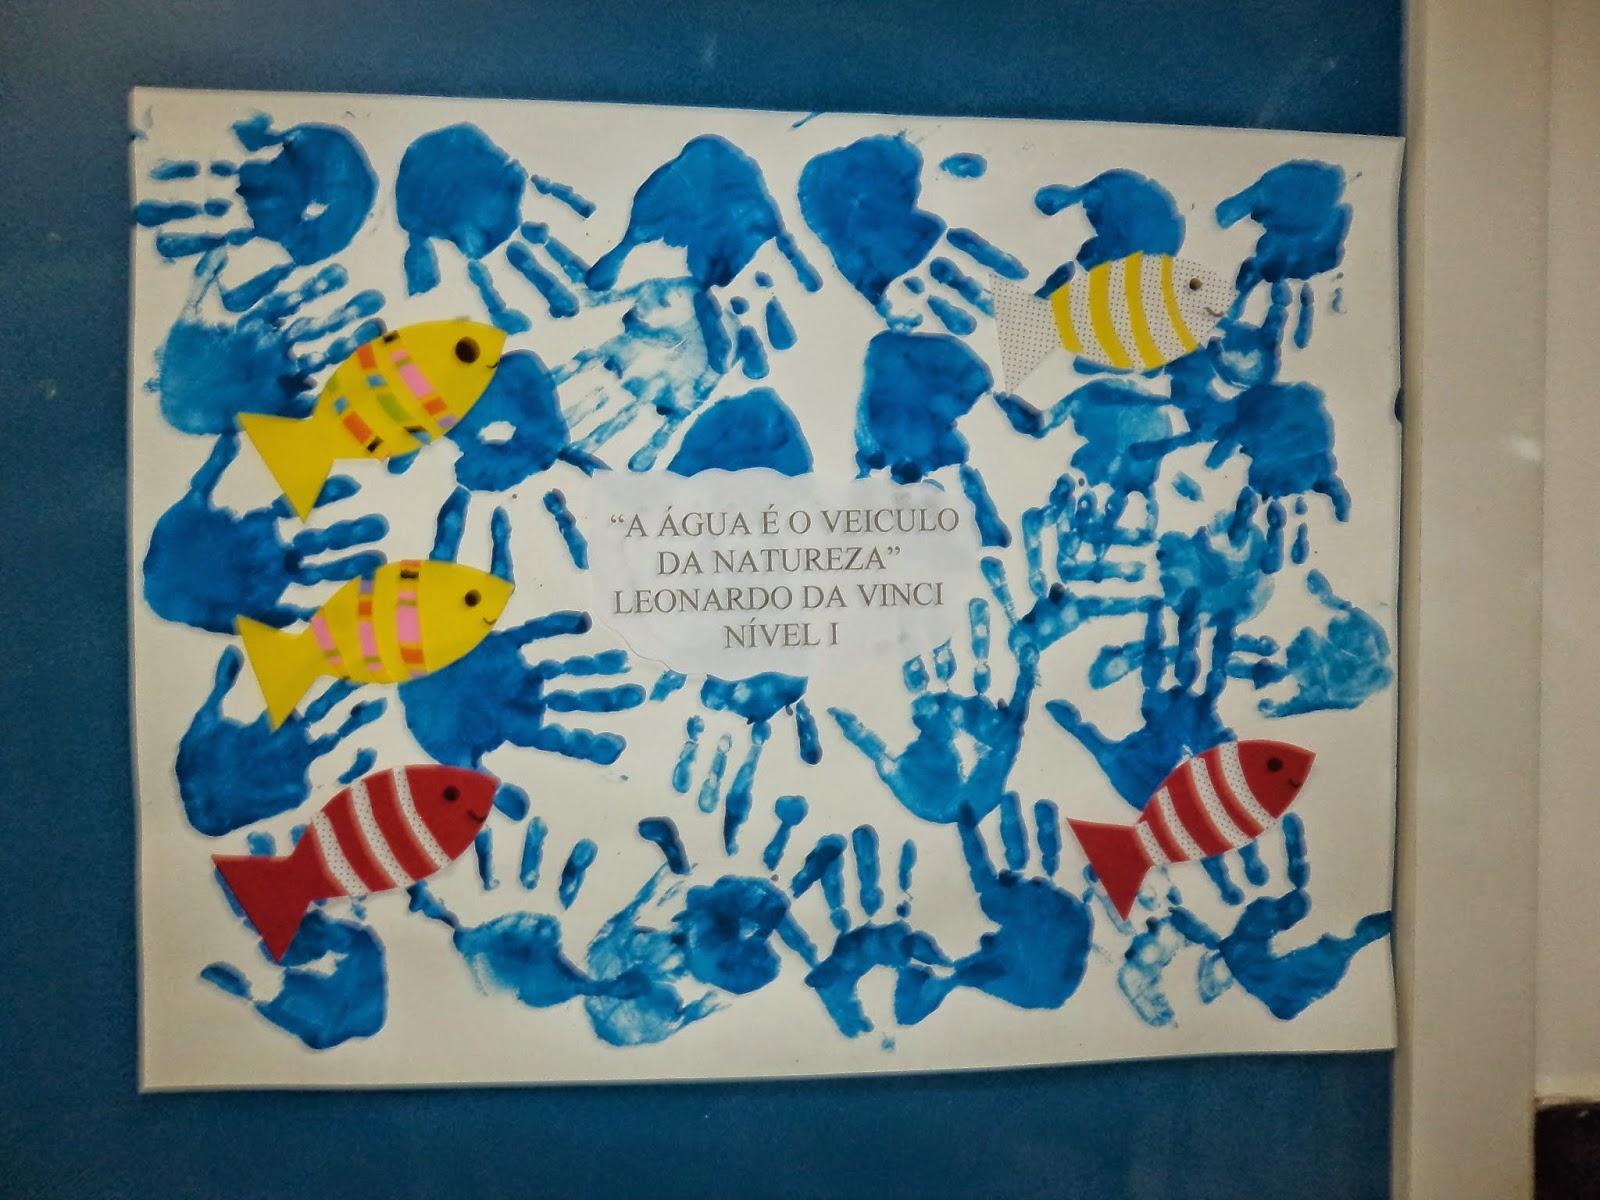 Col gio mega blog da educa o infantil dia for Mural sobre o meio ambiente